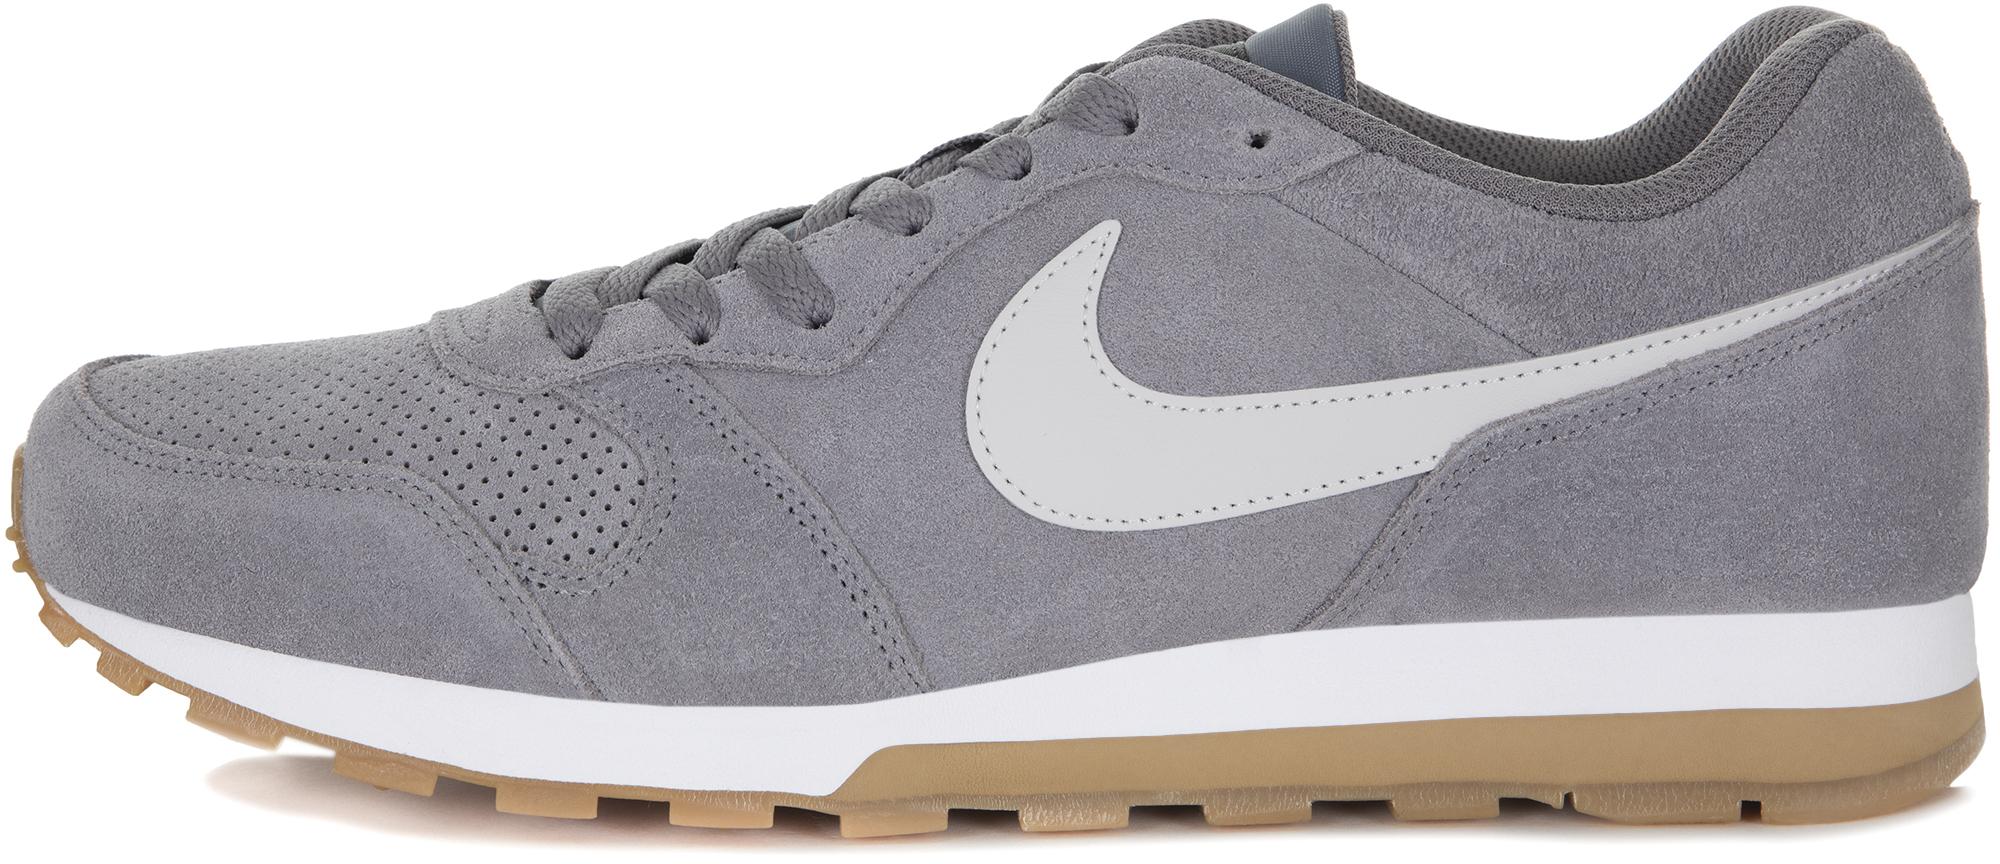 Nike Кроссовки мужские Nike MD Runner 2, размер 46,5